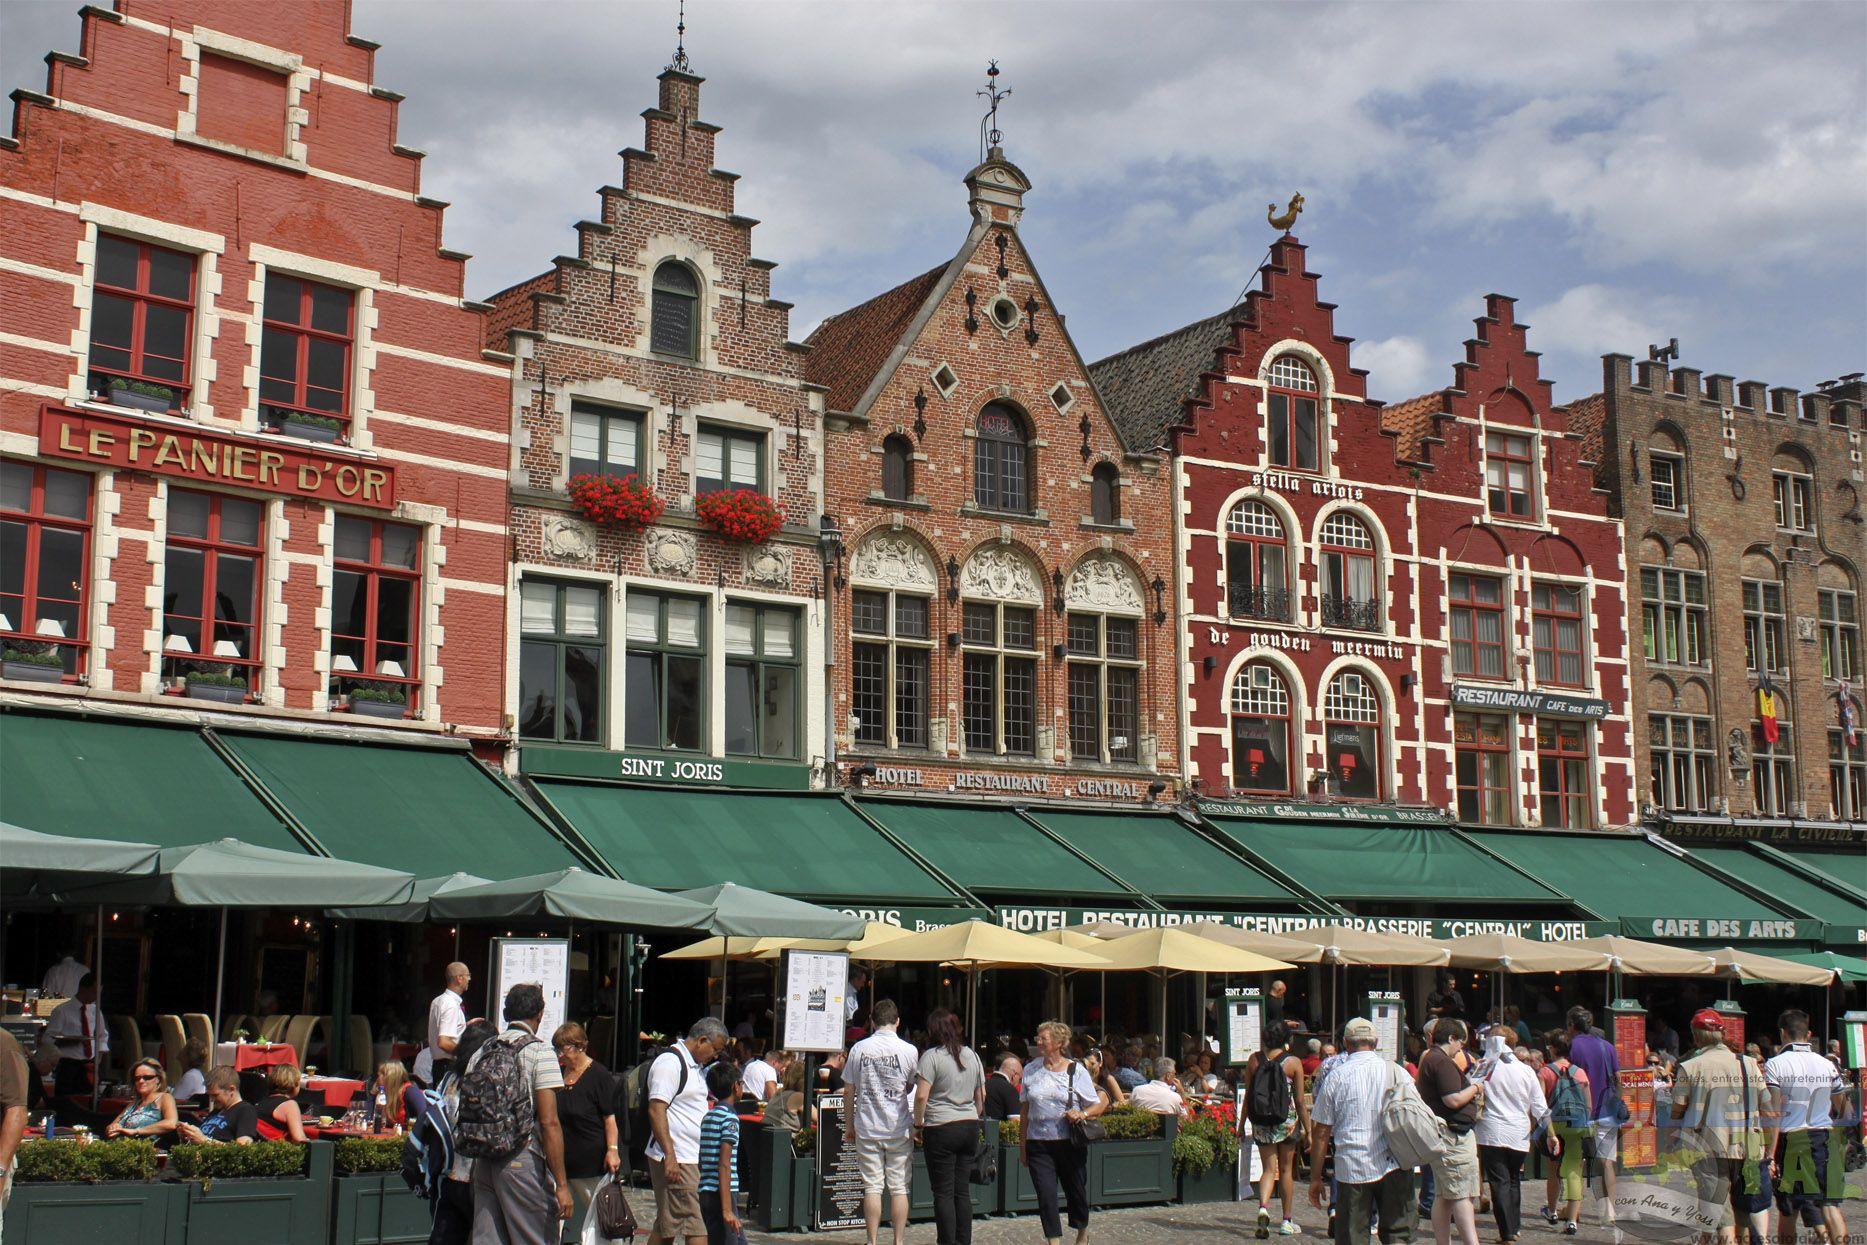 La 'Plaza del Mercado' de #Brujas -- The Markt (Market Square) in #Bruges